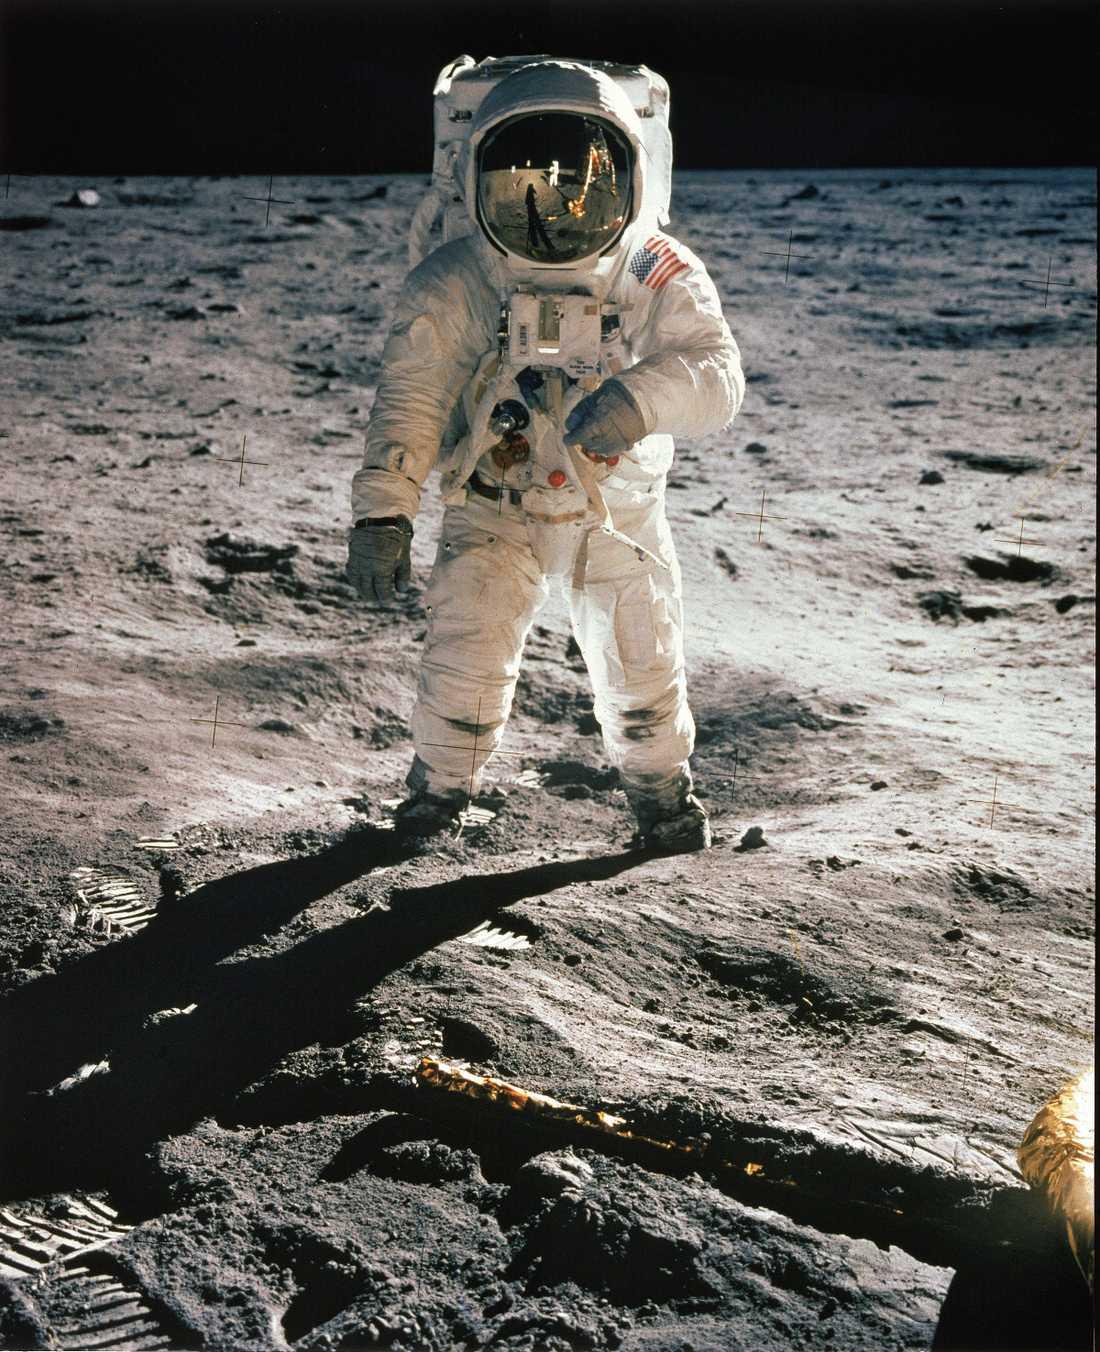 Klocka 21.17 den 20 juli 1969 tog de mark. Och för första gången var det människor på månen. Inget annat ögonblick i rymdforskningens historia kan konkurrera med denna händelse.